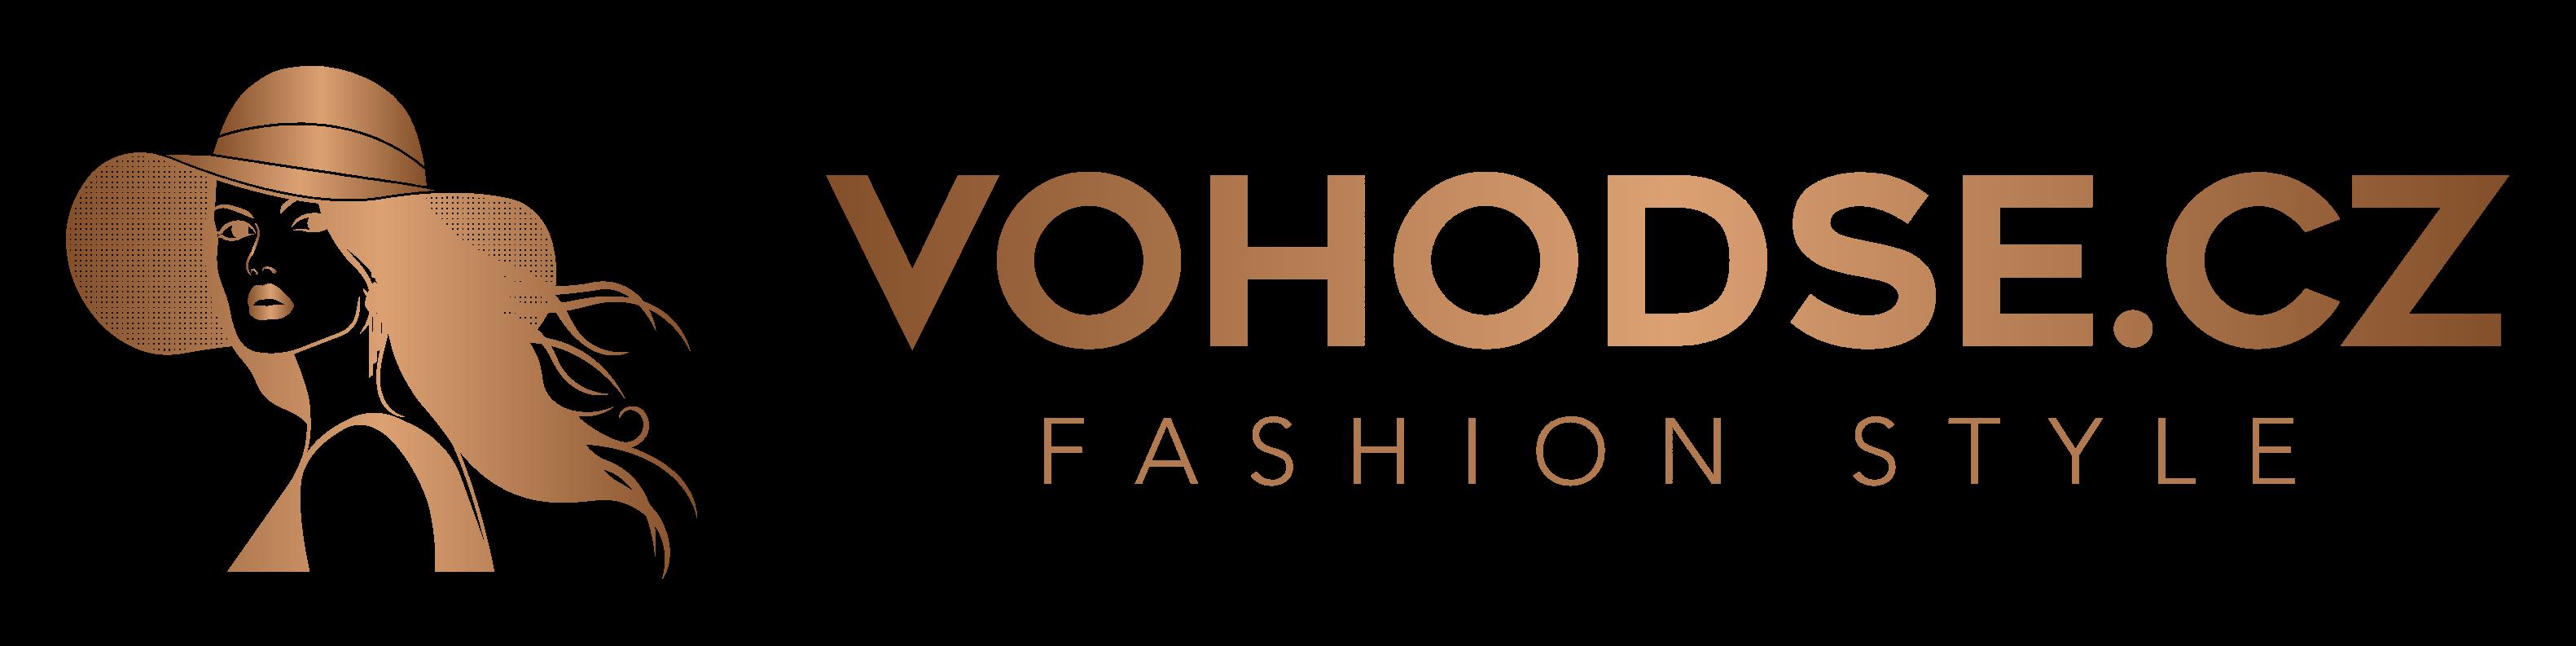 Vohodse.cz